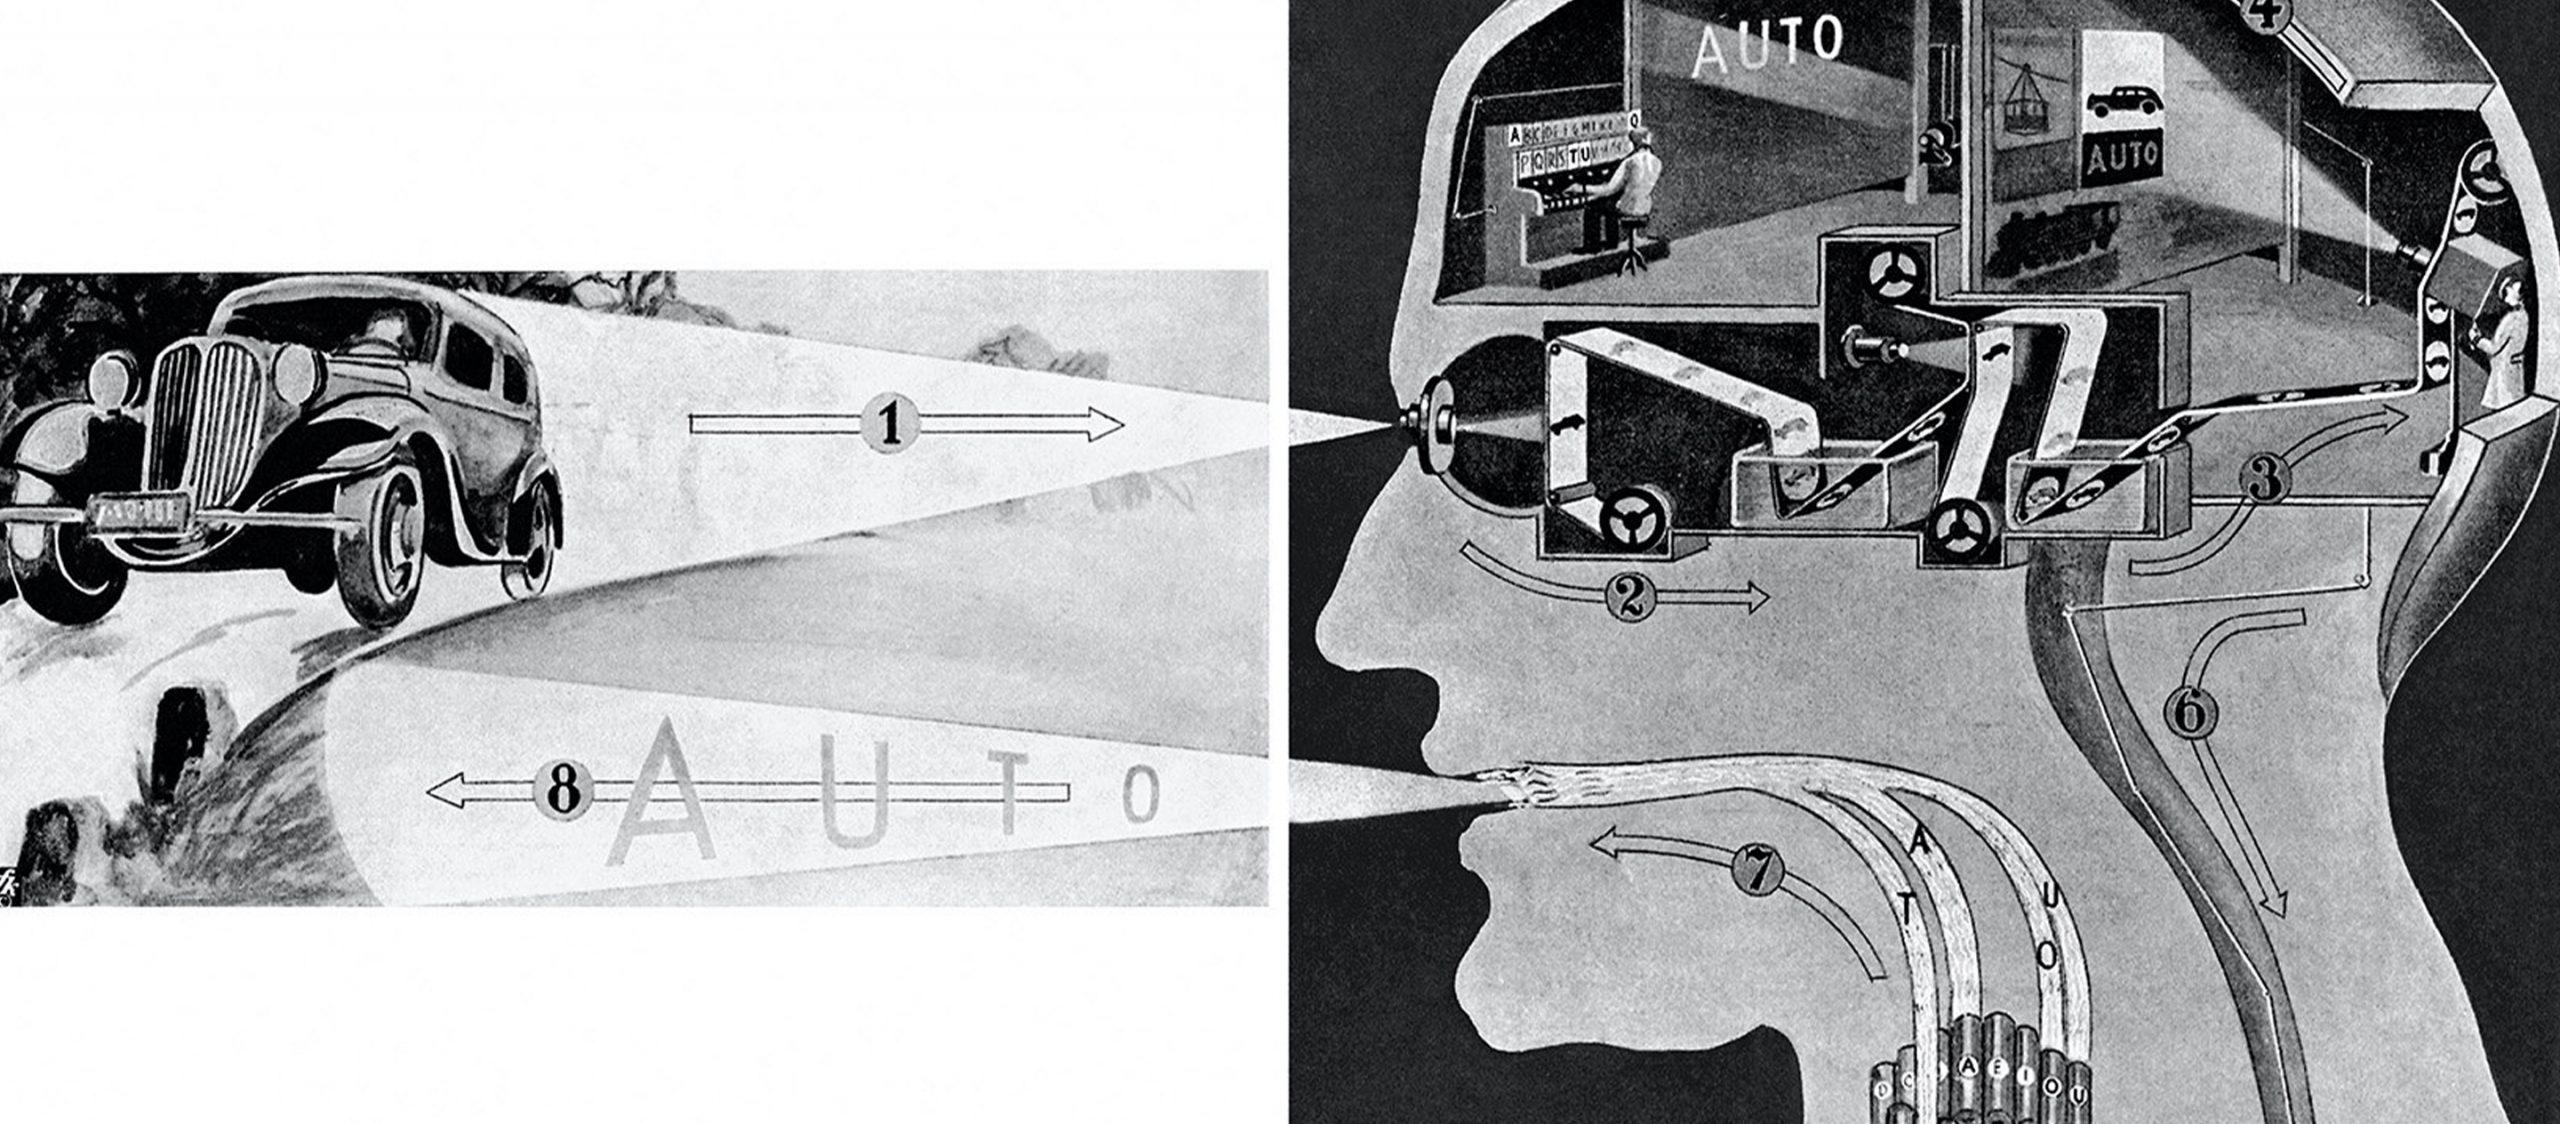 Fritz Kahn ศิลปินในเสื้อกาวน์ผู้ปฏิวัติตำราวิทยาศาสตร์ให้สนุกและเซอร์เรียล